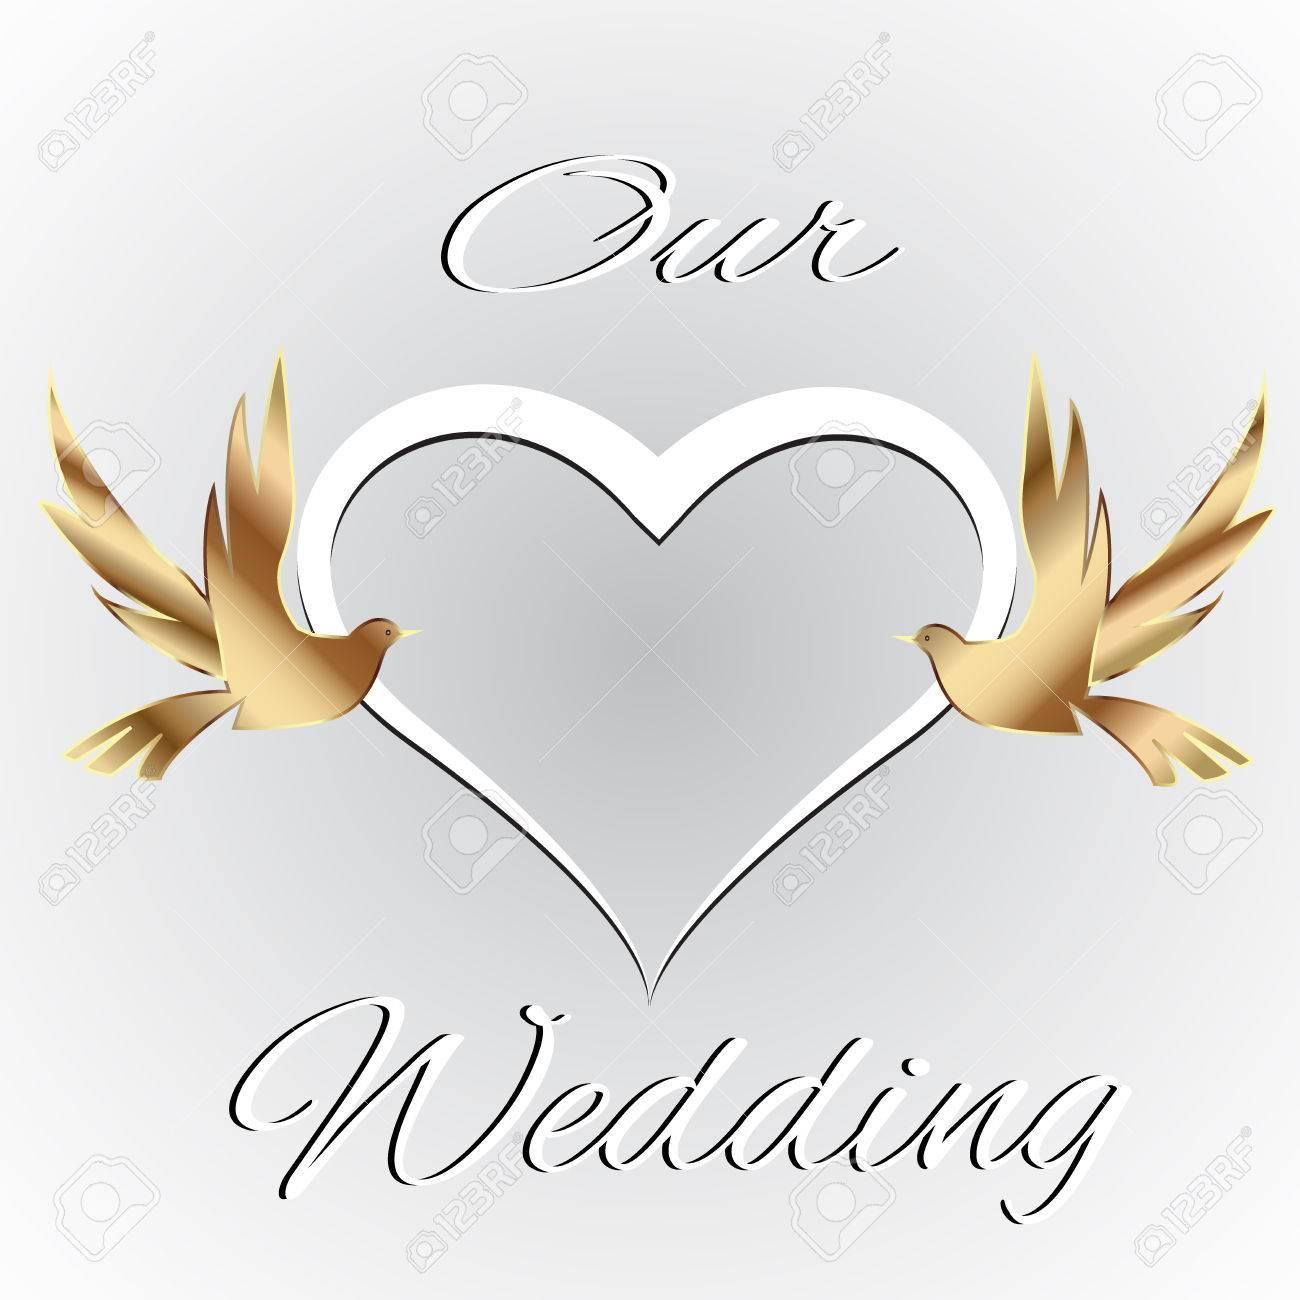 Hochzeit Karte Mit Herz Liebe Und Paar Vögeln Karte Einladung  Vektor Symbol Logo